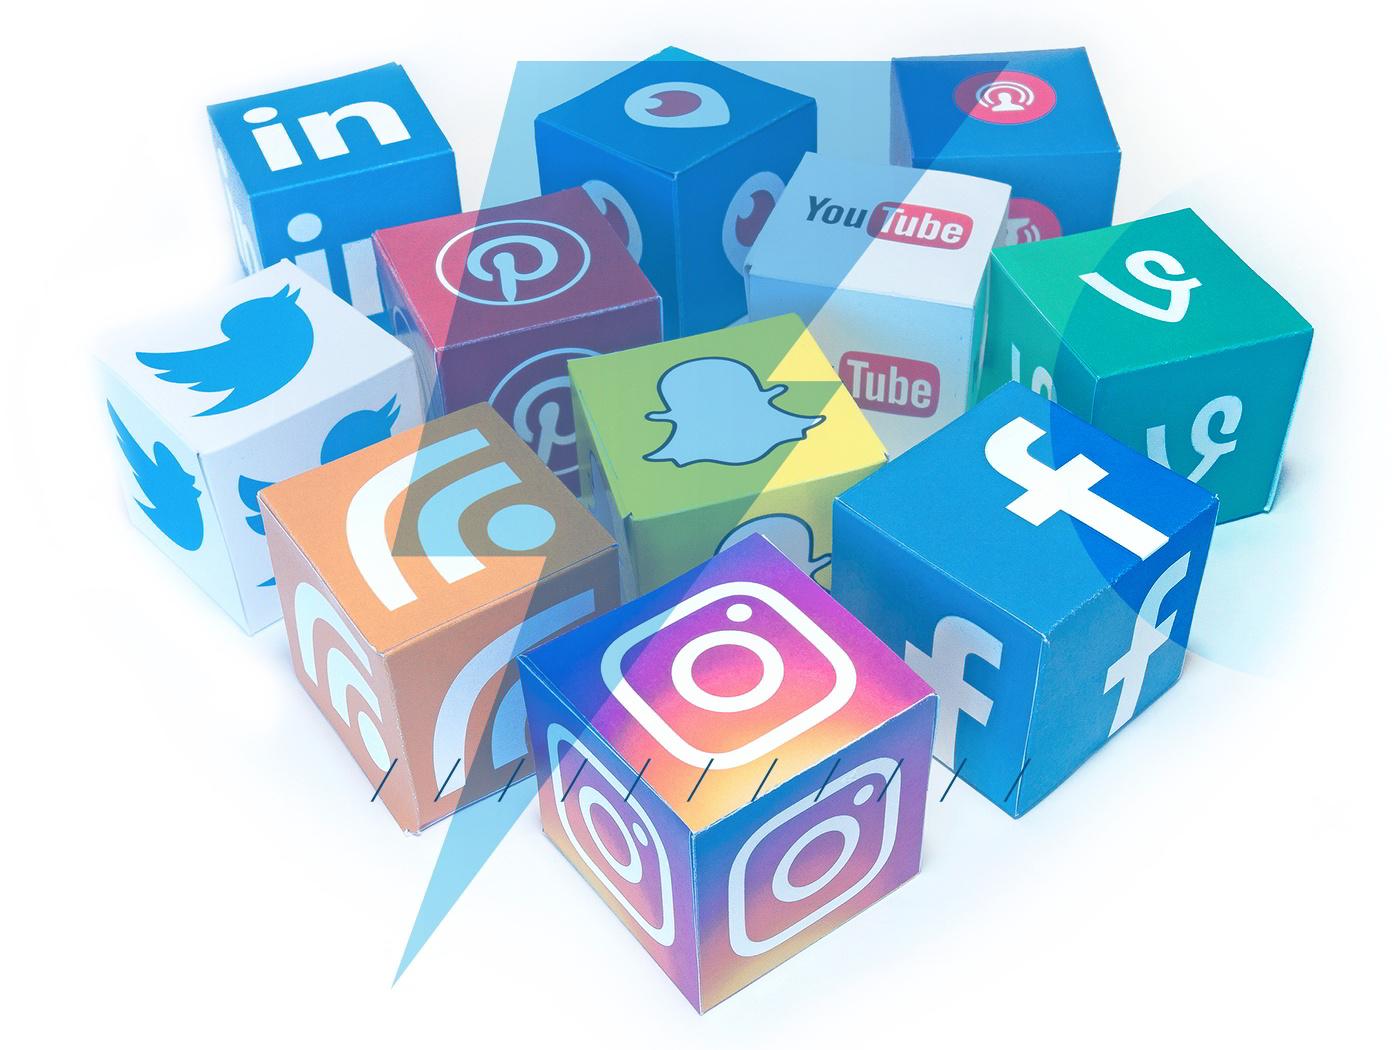 Fique com algumas dicas de conteúdo para as redes sociais para ter uma página com notoriedade e crescimento.